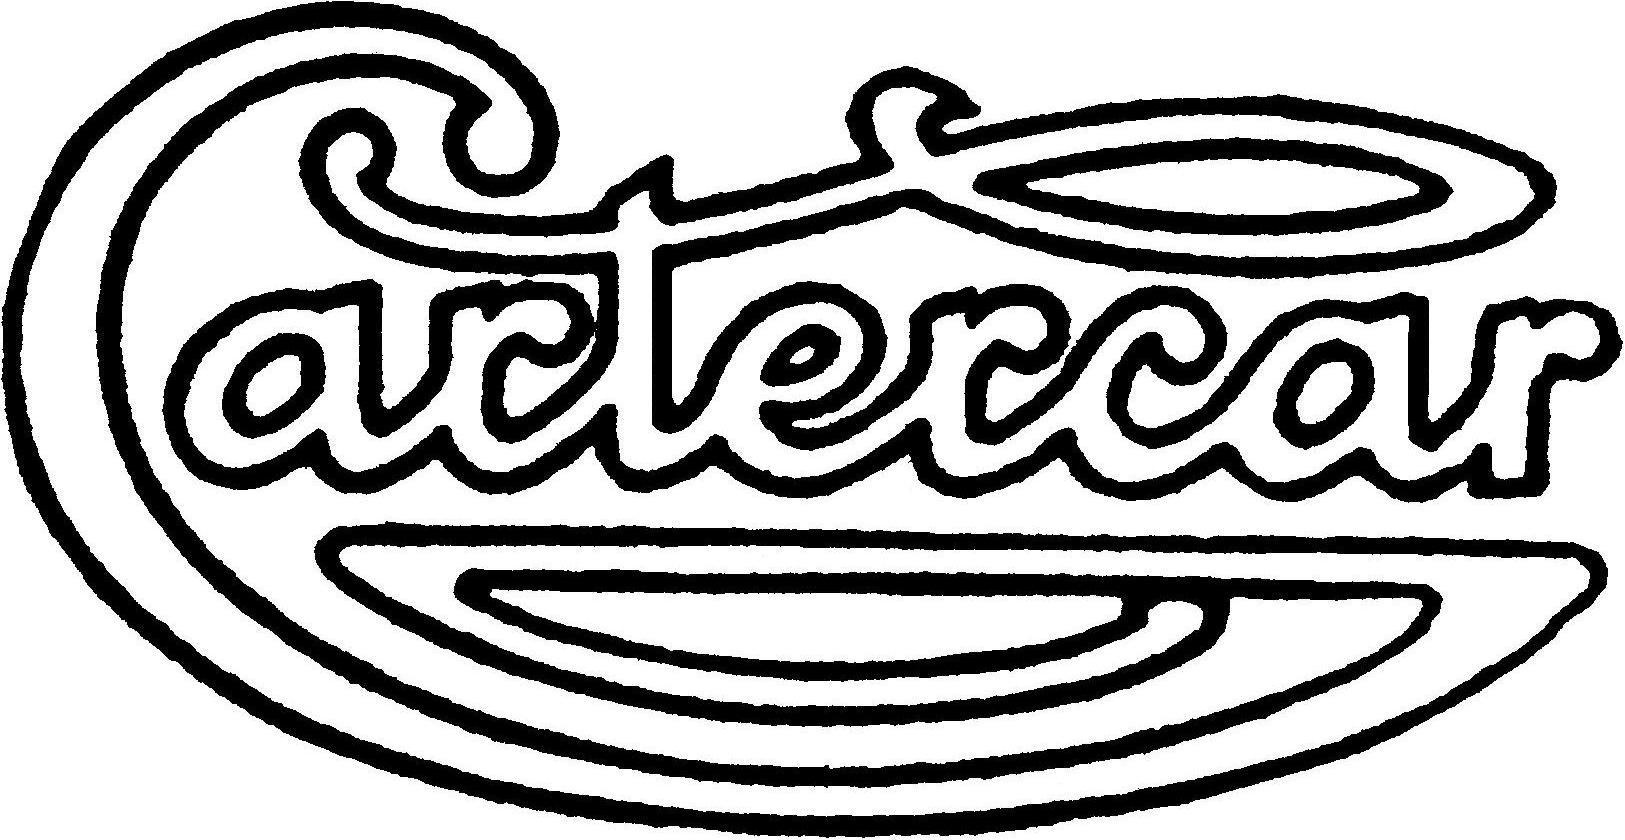 CARTERCAR-01.jpg